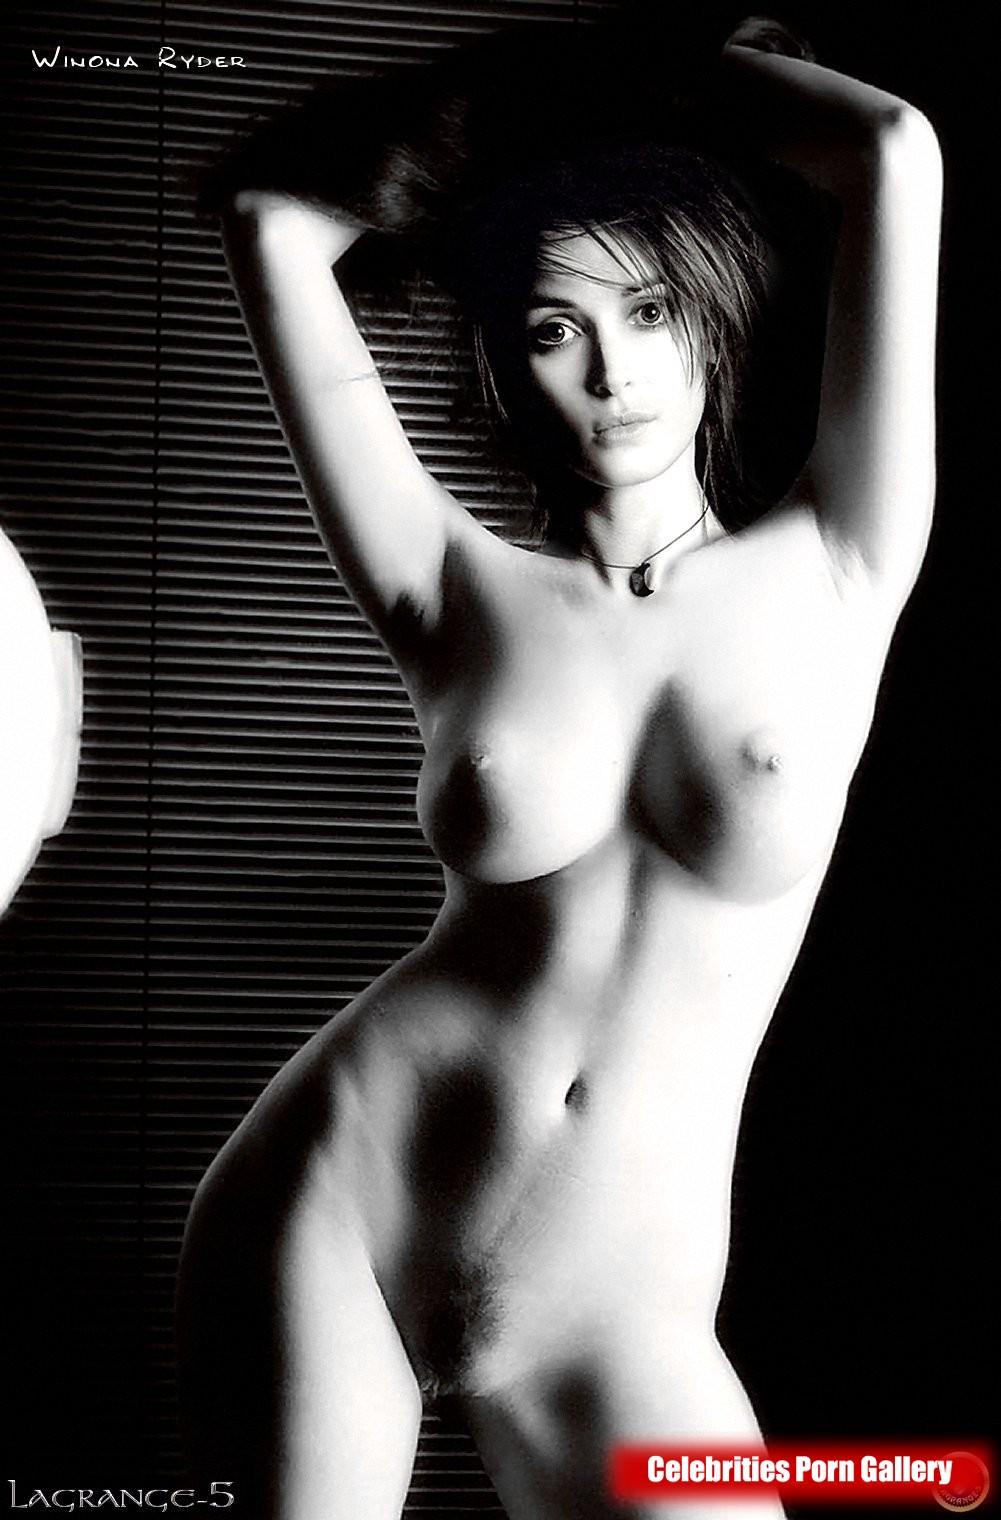 вайнона райдер эротические фото секрет